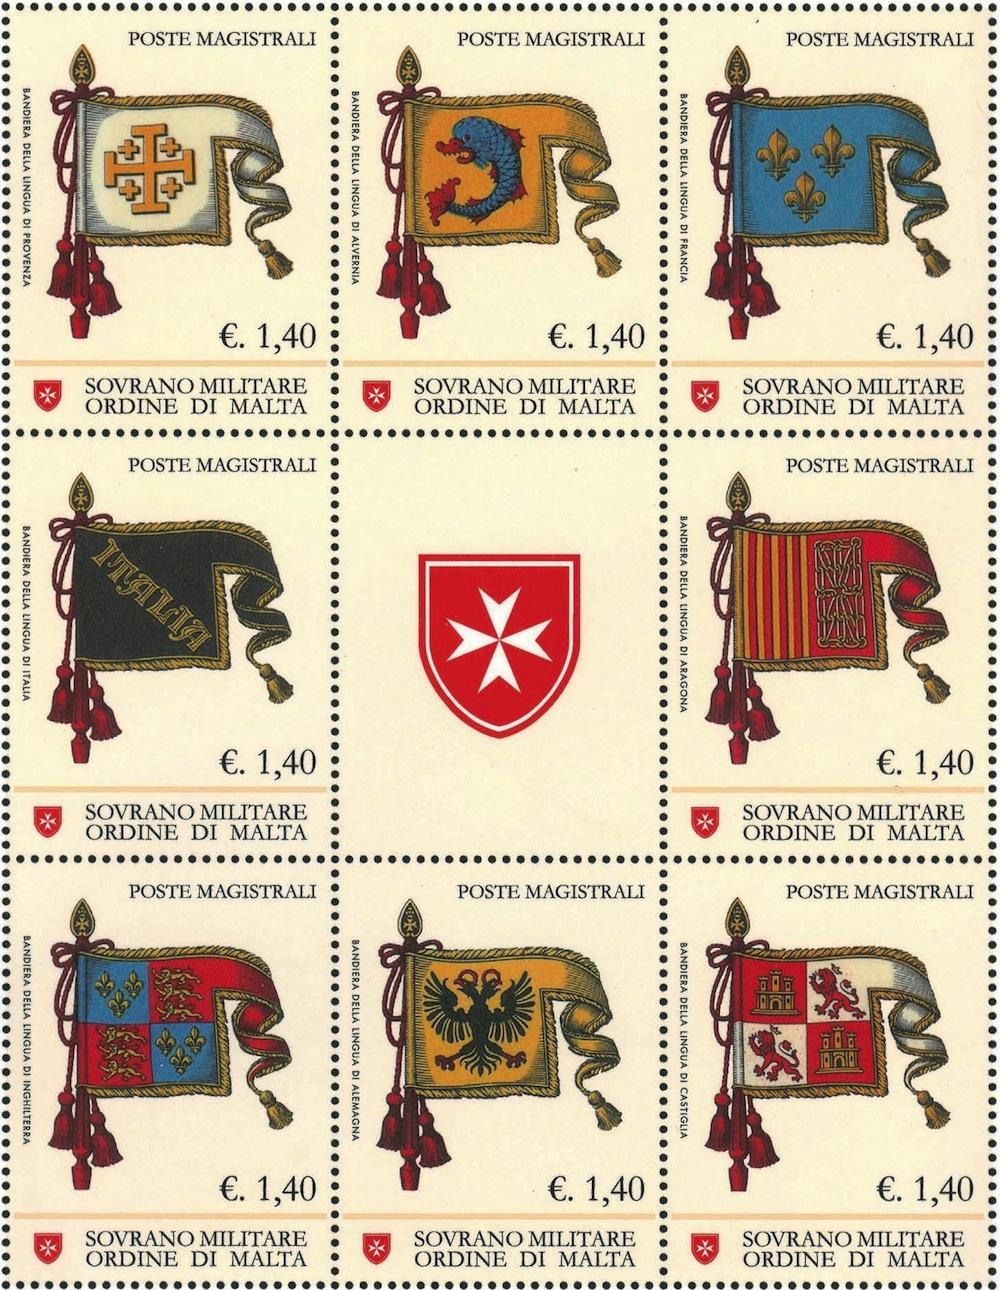 bandiere delle antiche lingue dell'Ordine di San Giovanni a Rodi e a Malta